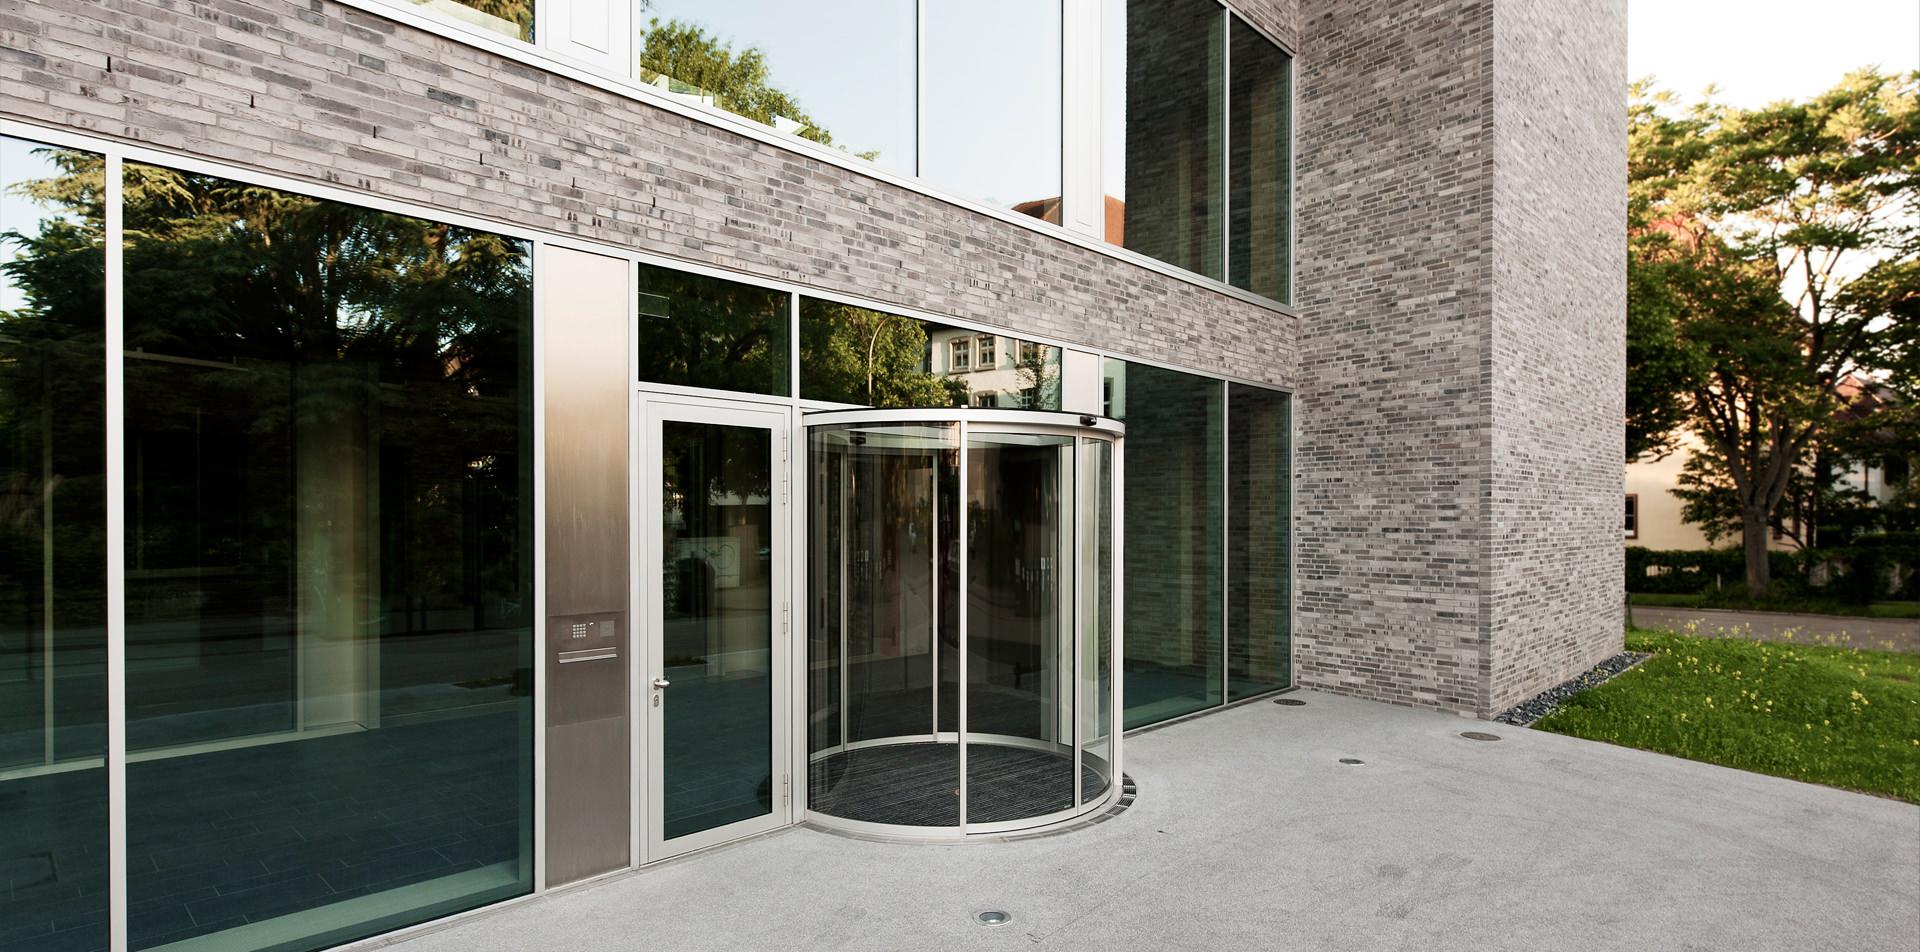 BIOSS Freiburg 1 - ArGe Architekten